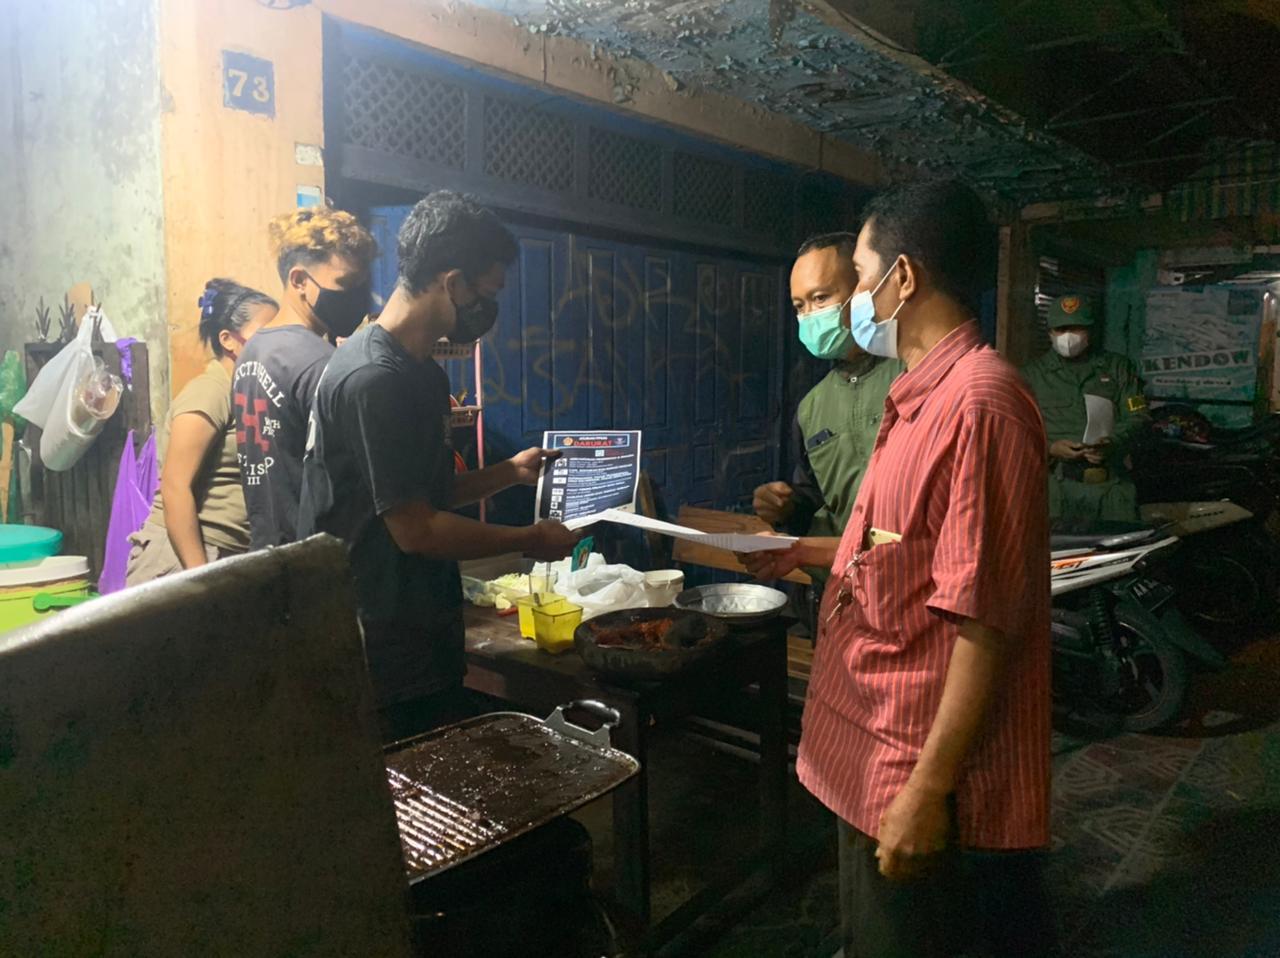 Kawal Pelaksanaan PPKM Darurat, Kemantren Mantrijeron Edukasi para Pedagang